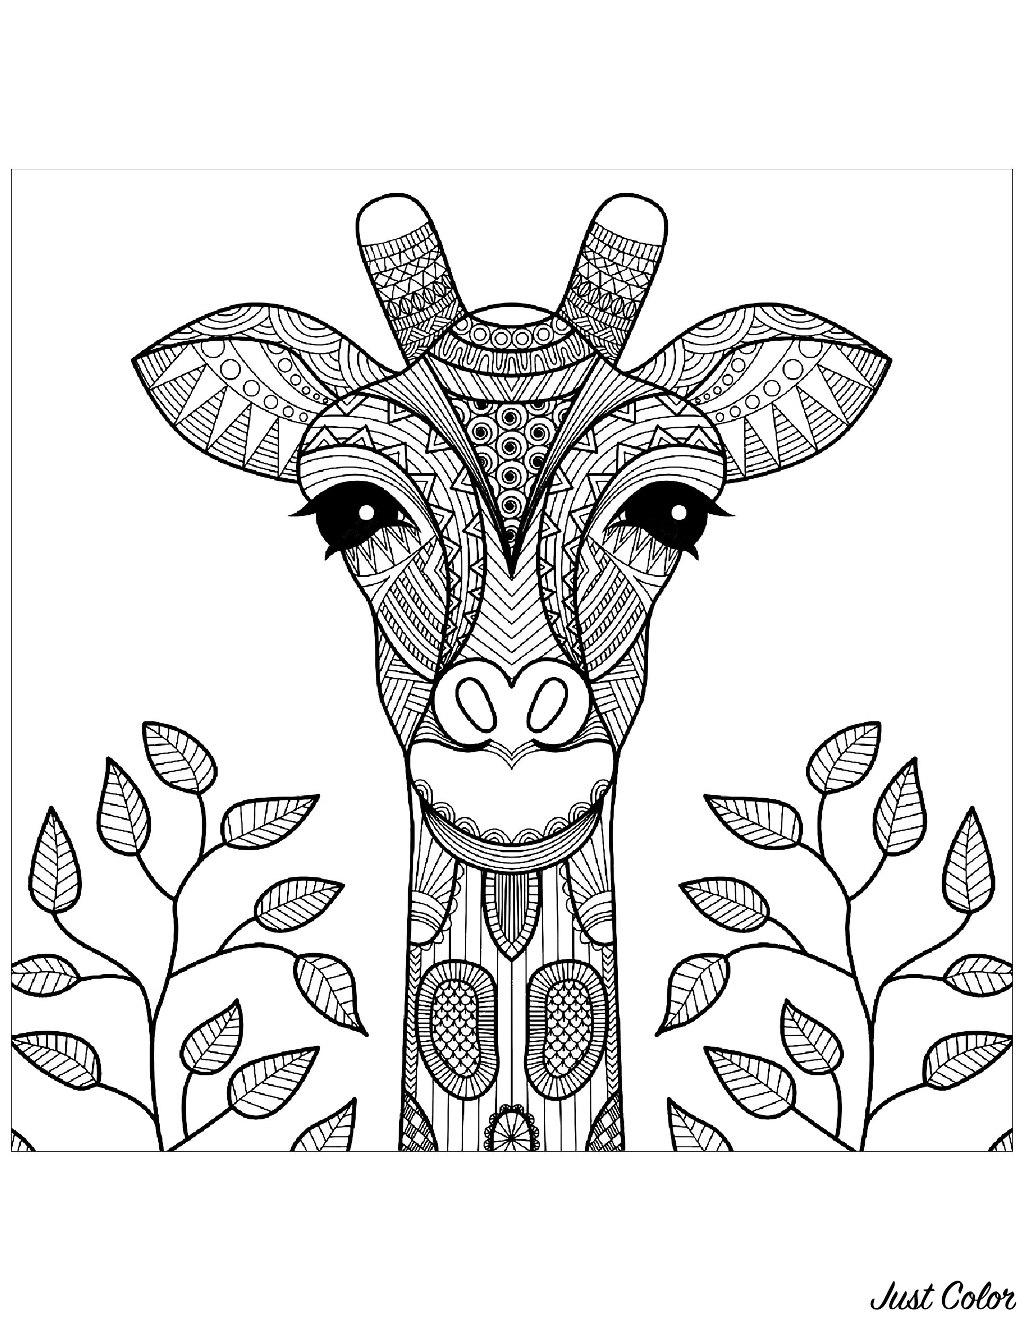 Gratuit Tete De Girafe Et Feuilles - Coloriage De Girafes intérieur Jeux De Girafe Gratuit